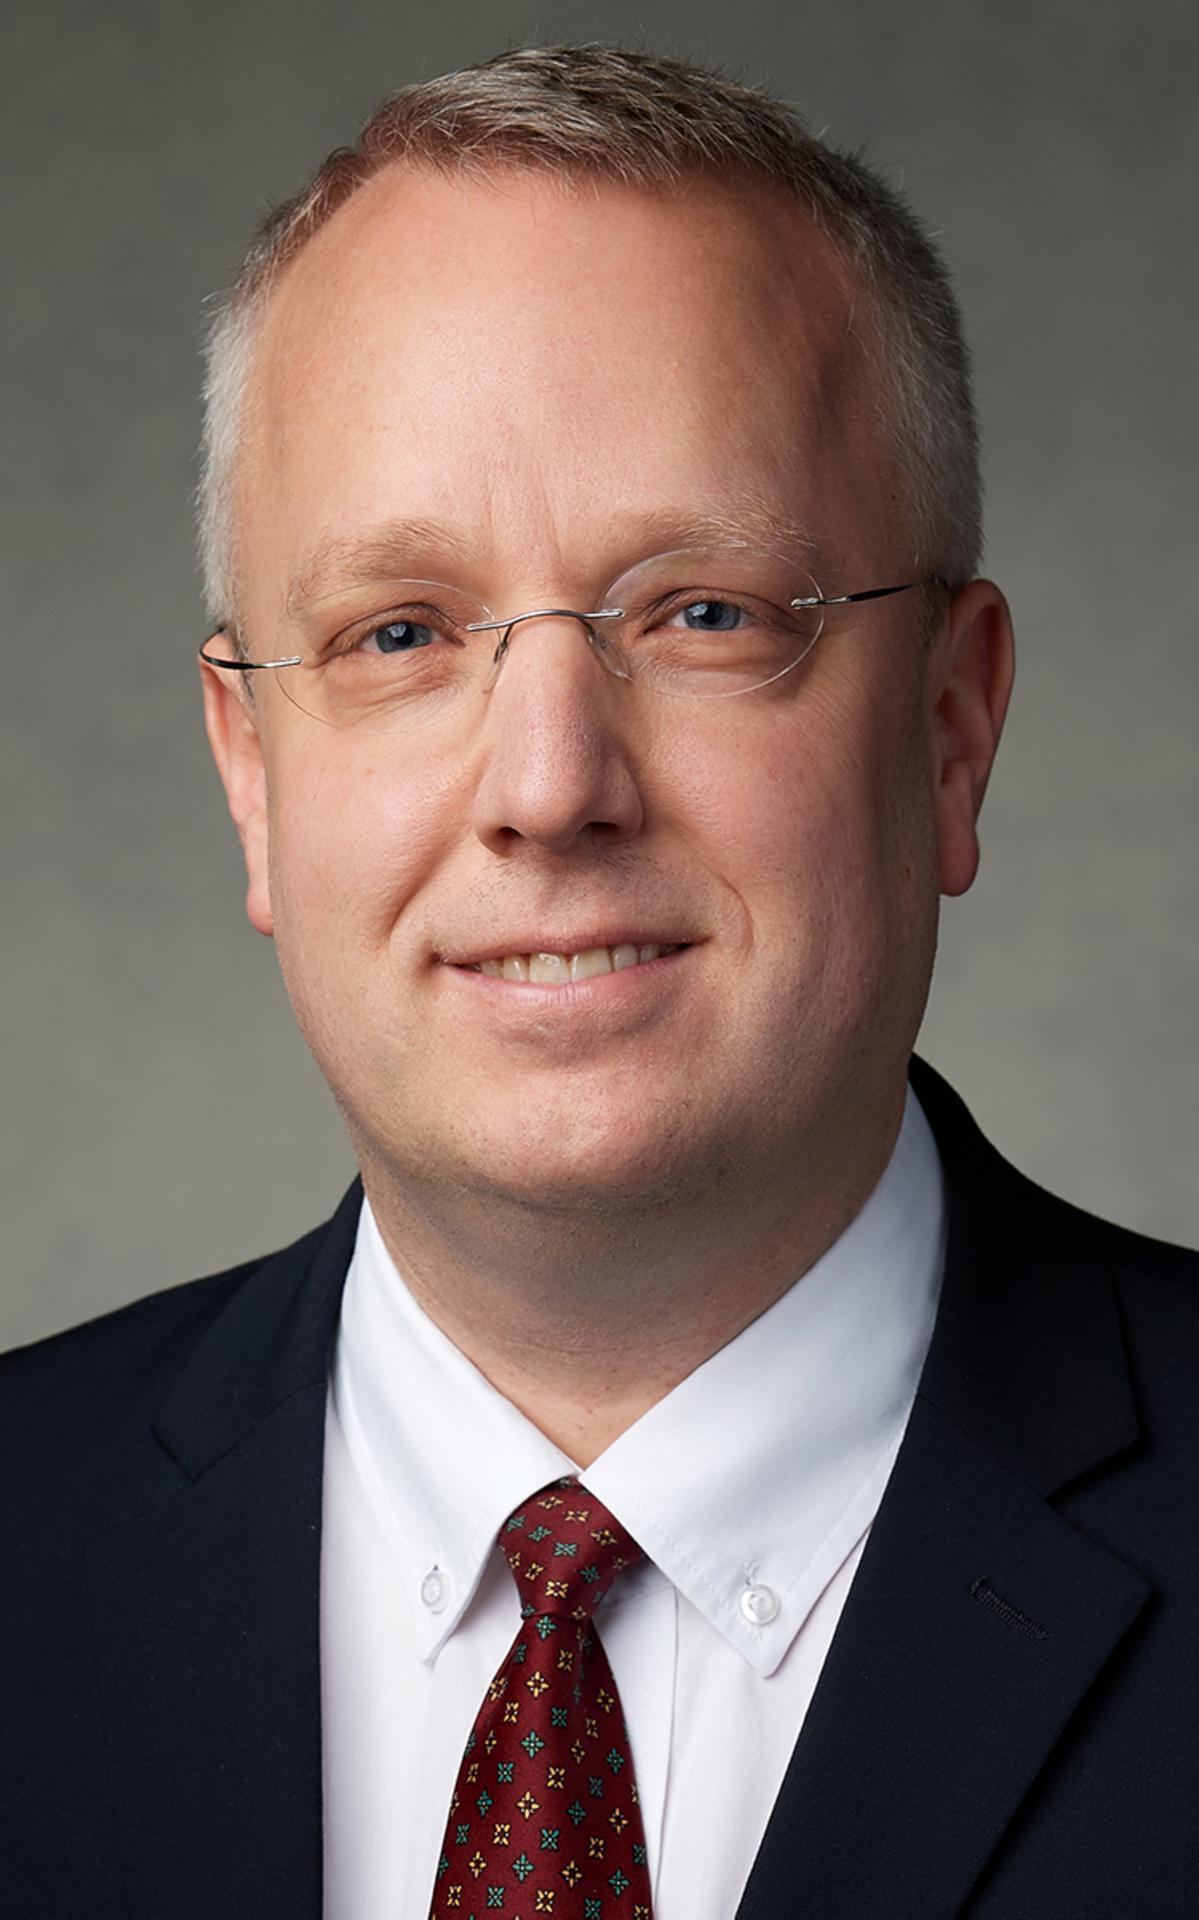 Elder Michael Cziesla